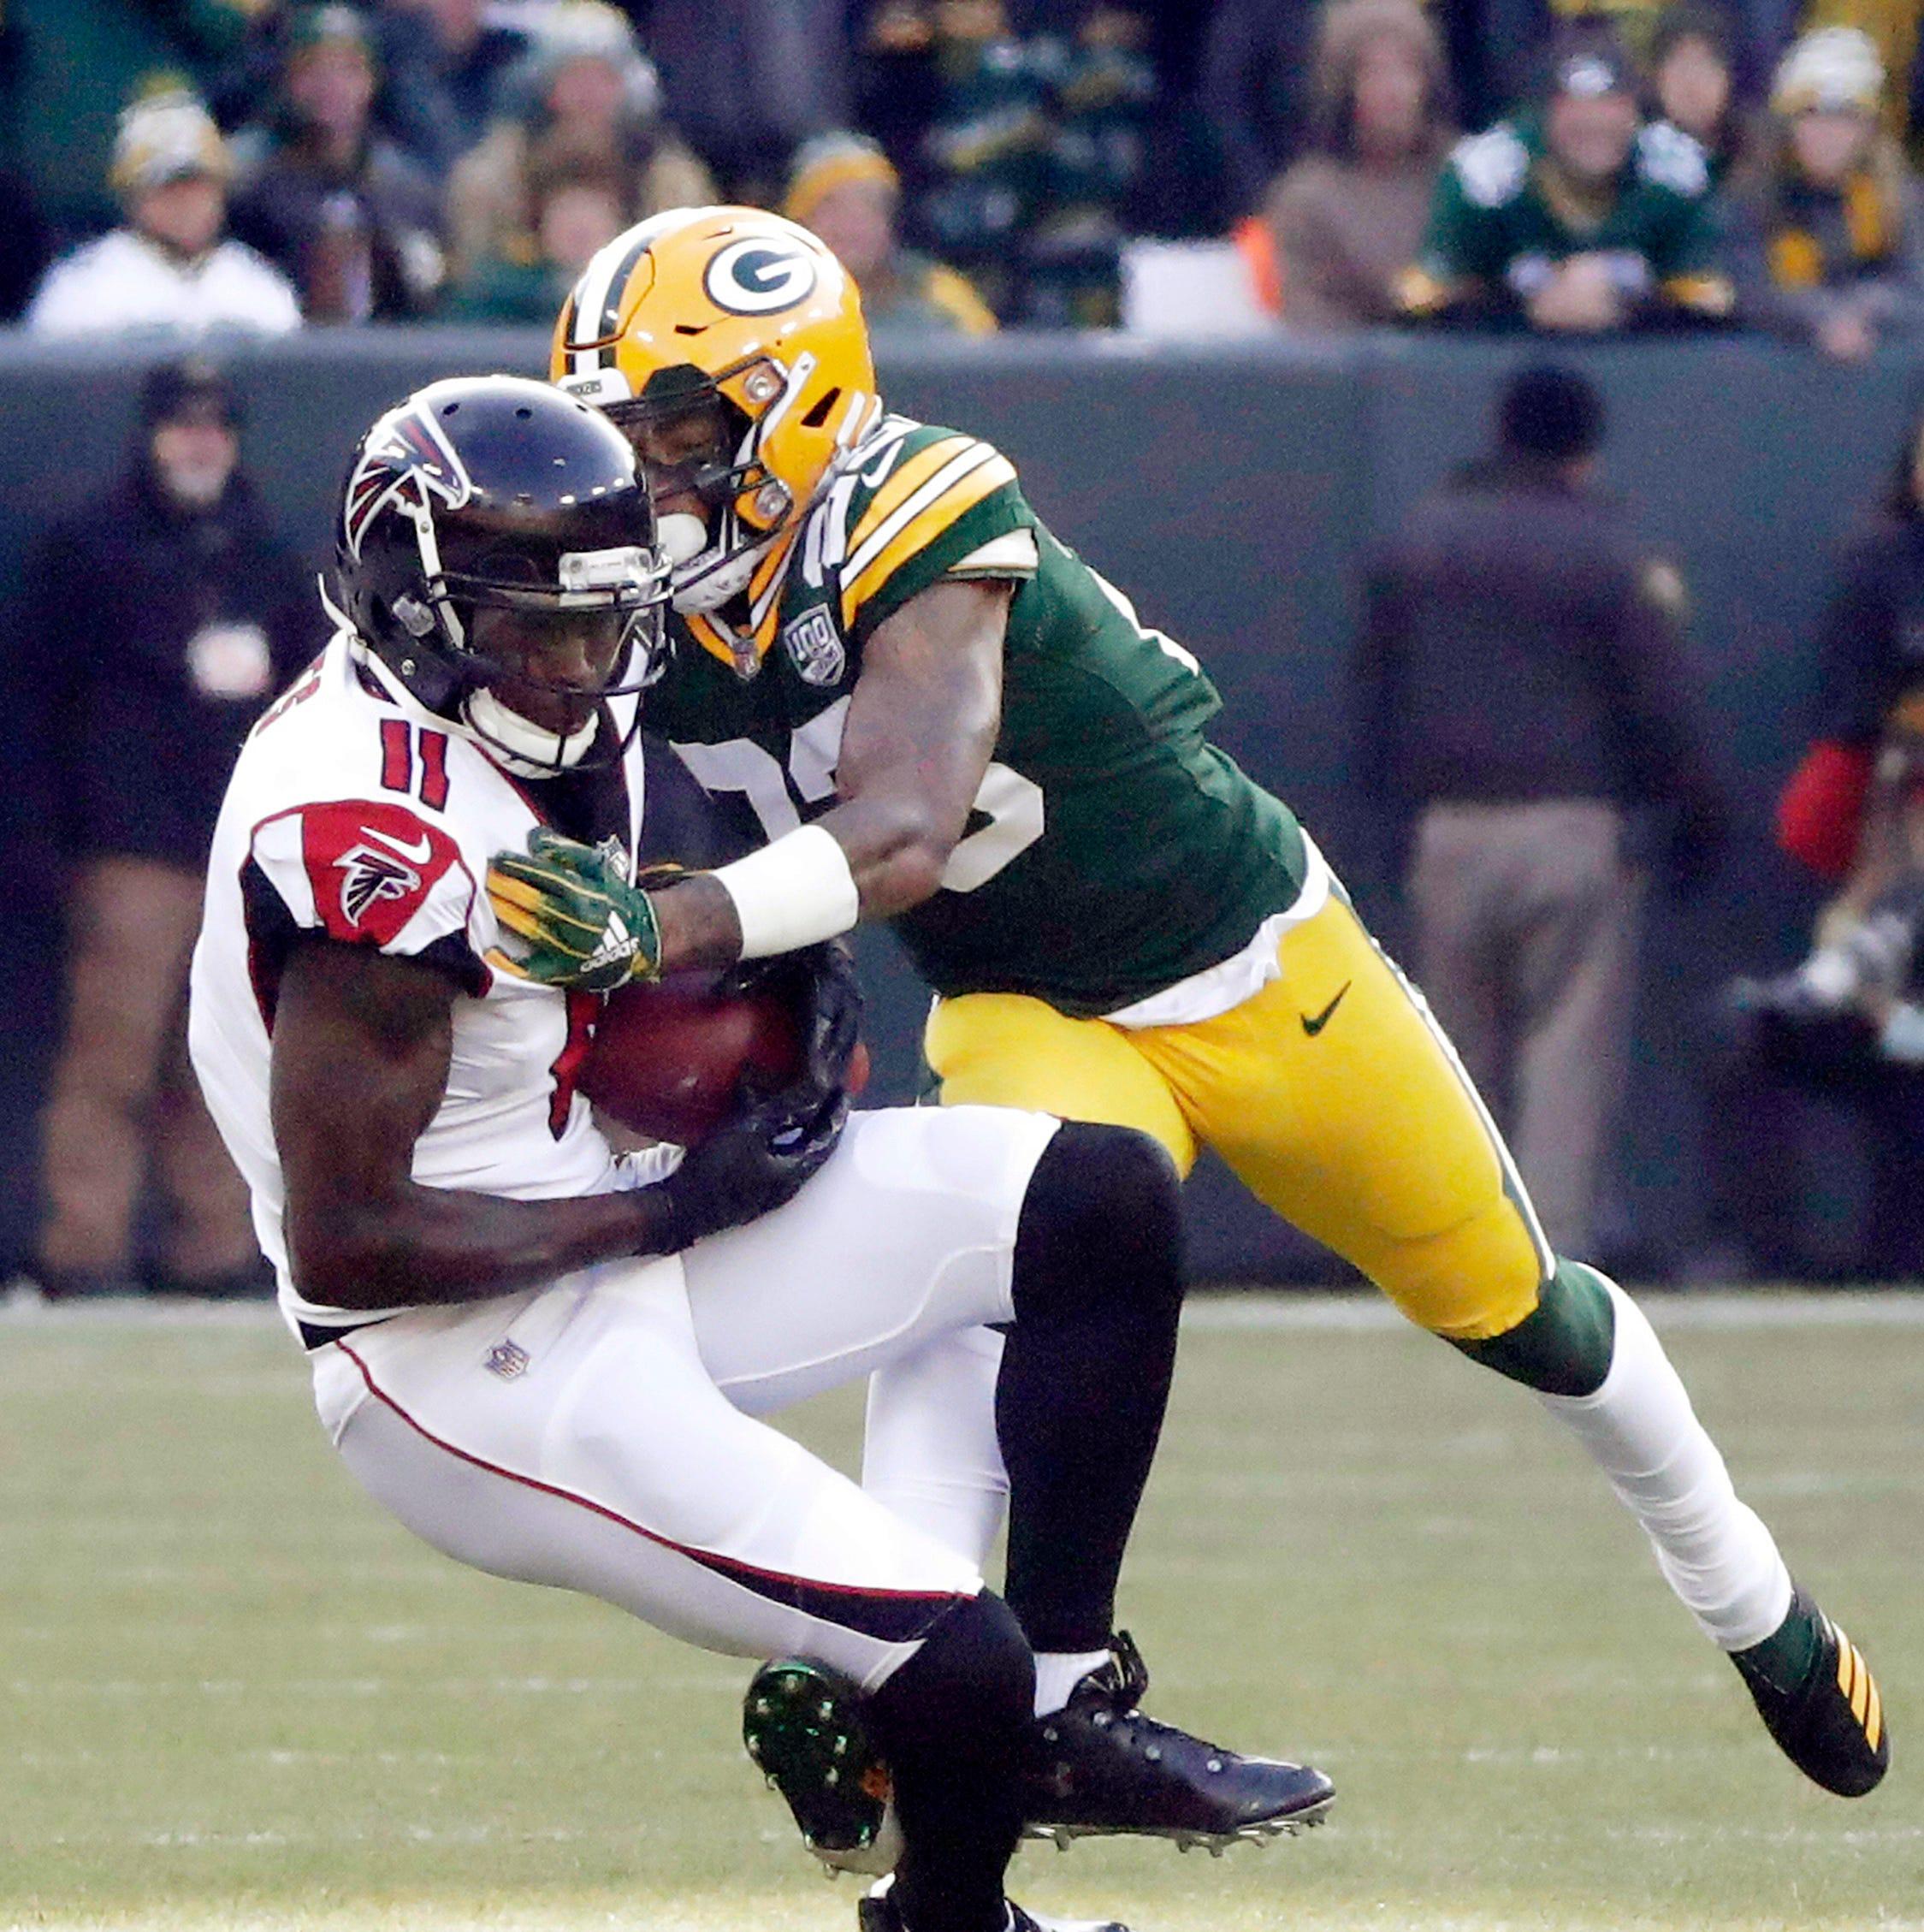 Silverstein: Rookie cornerback Jaire Alexander rewards Packers for their trust